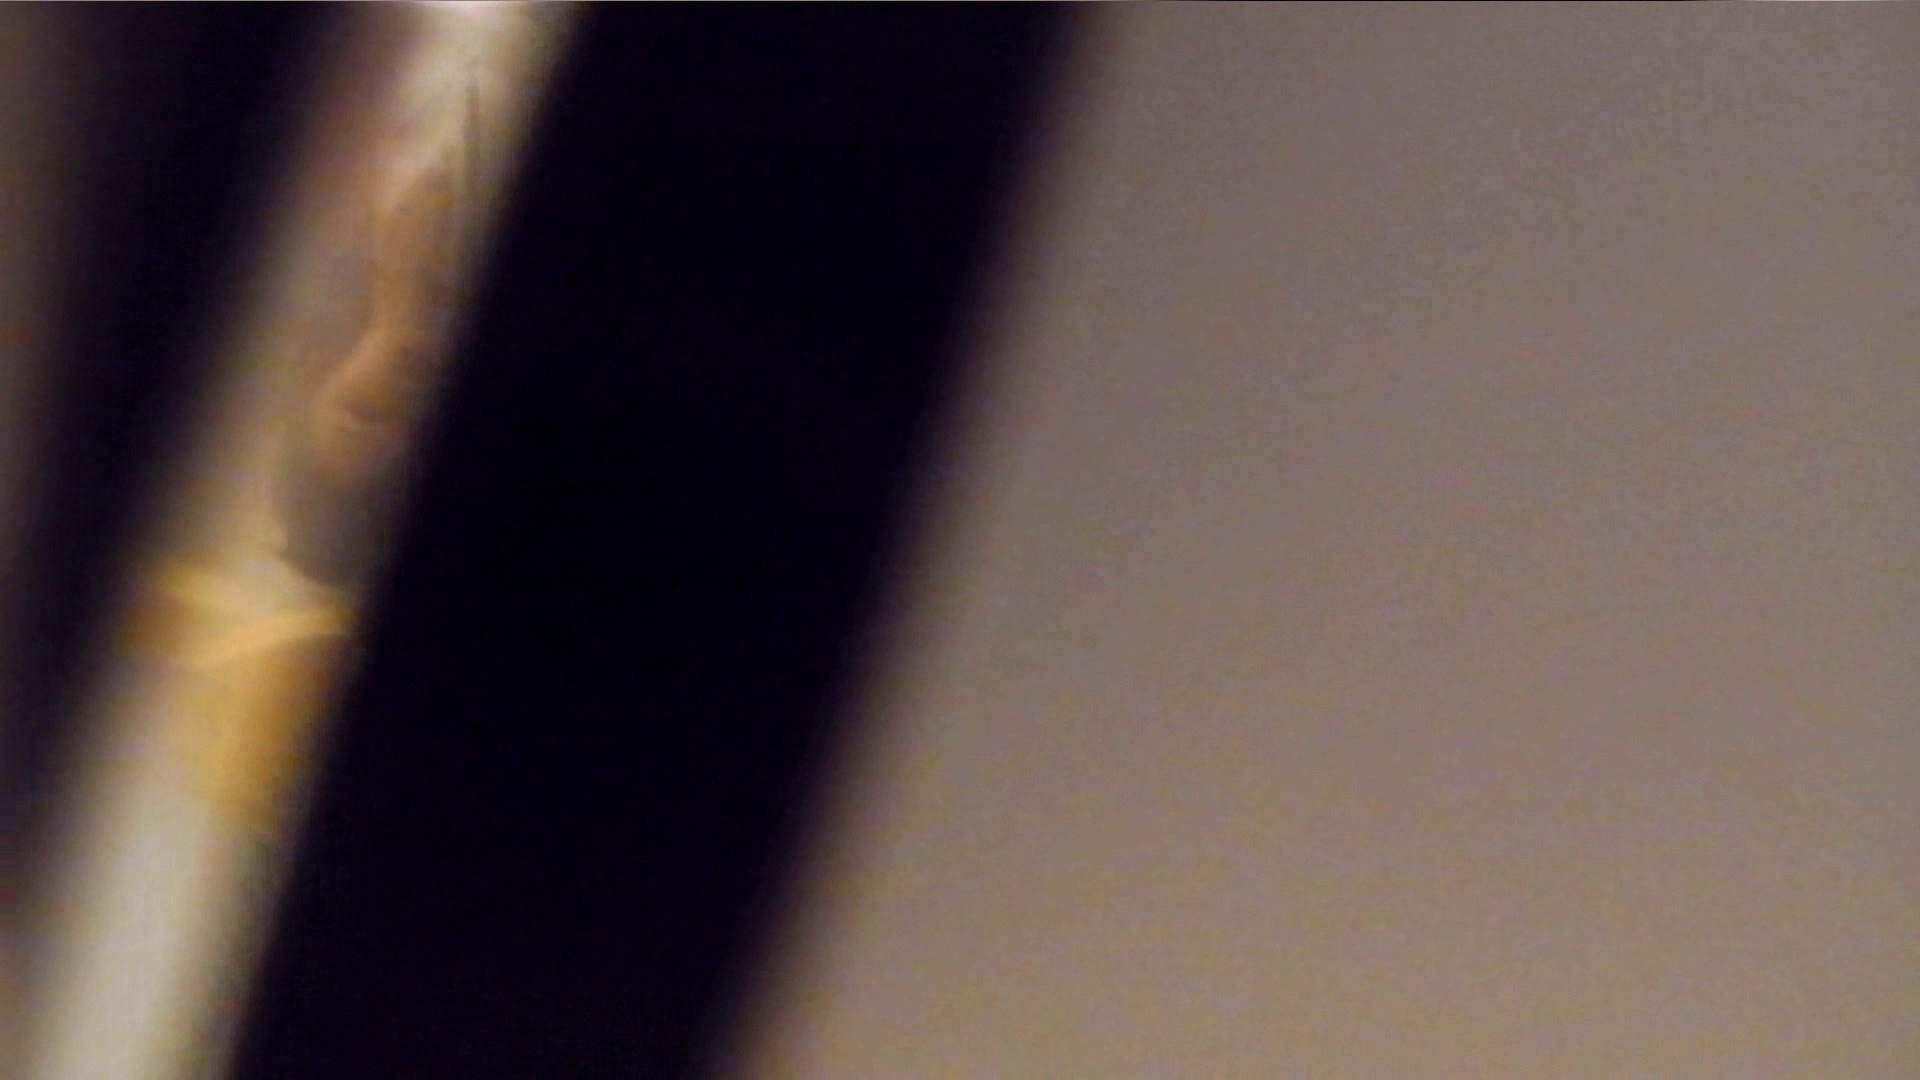 洗寿観音さんの 化粧室は四面楚歌Nol.1 洗面所  86PIX 13